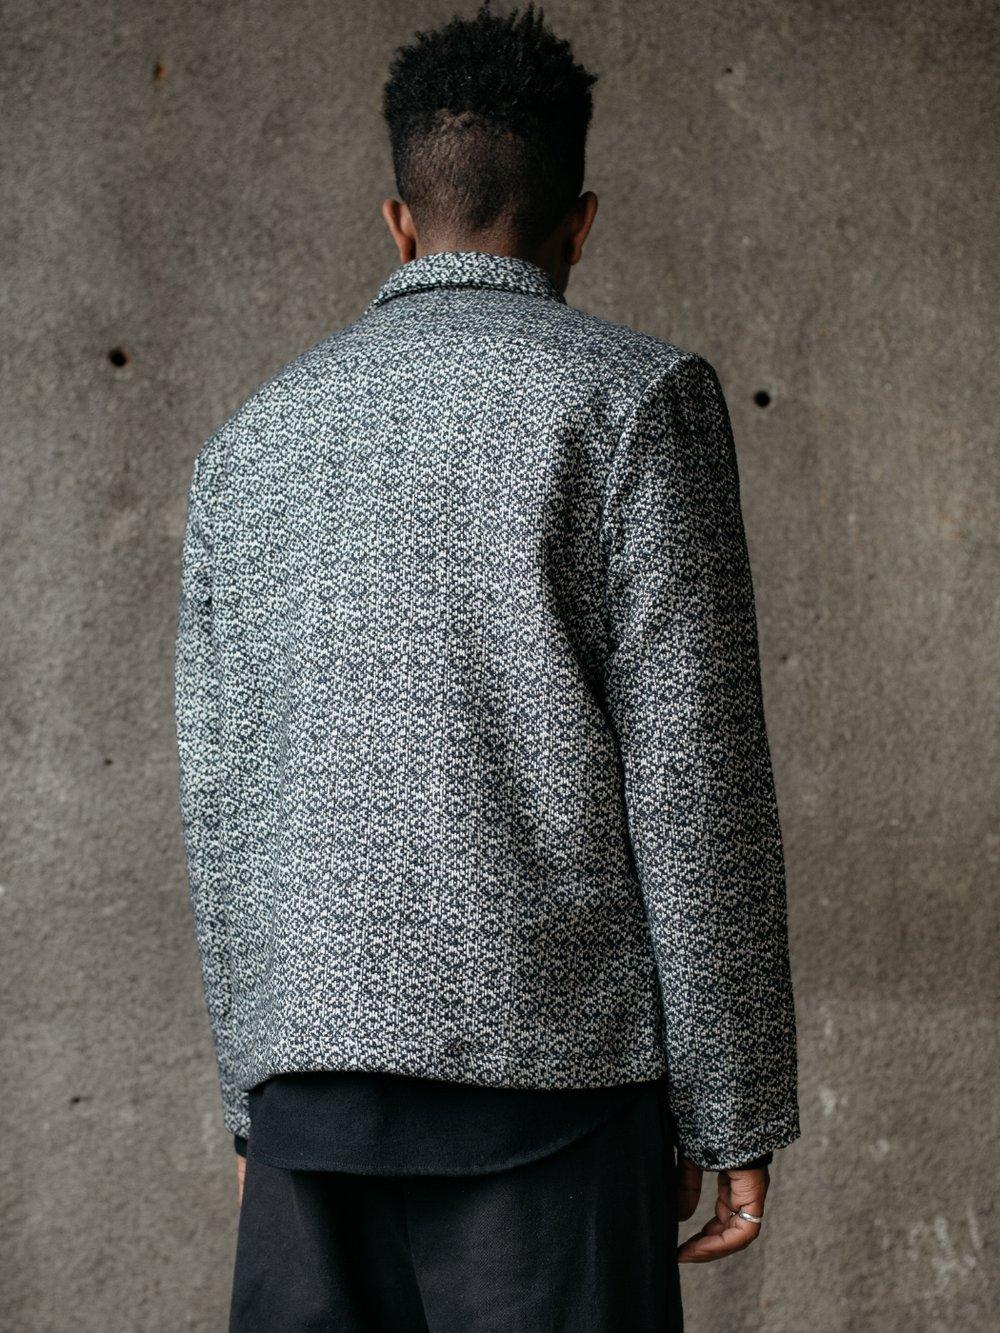 evan-kinori-field-shirt-hemp-wool-back